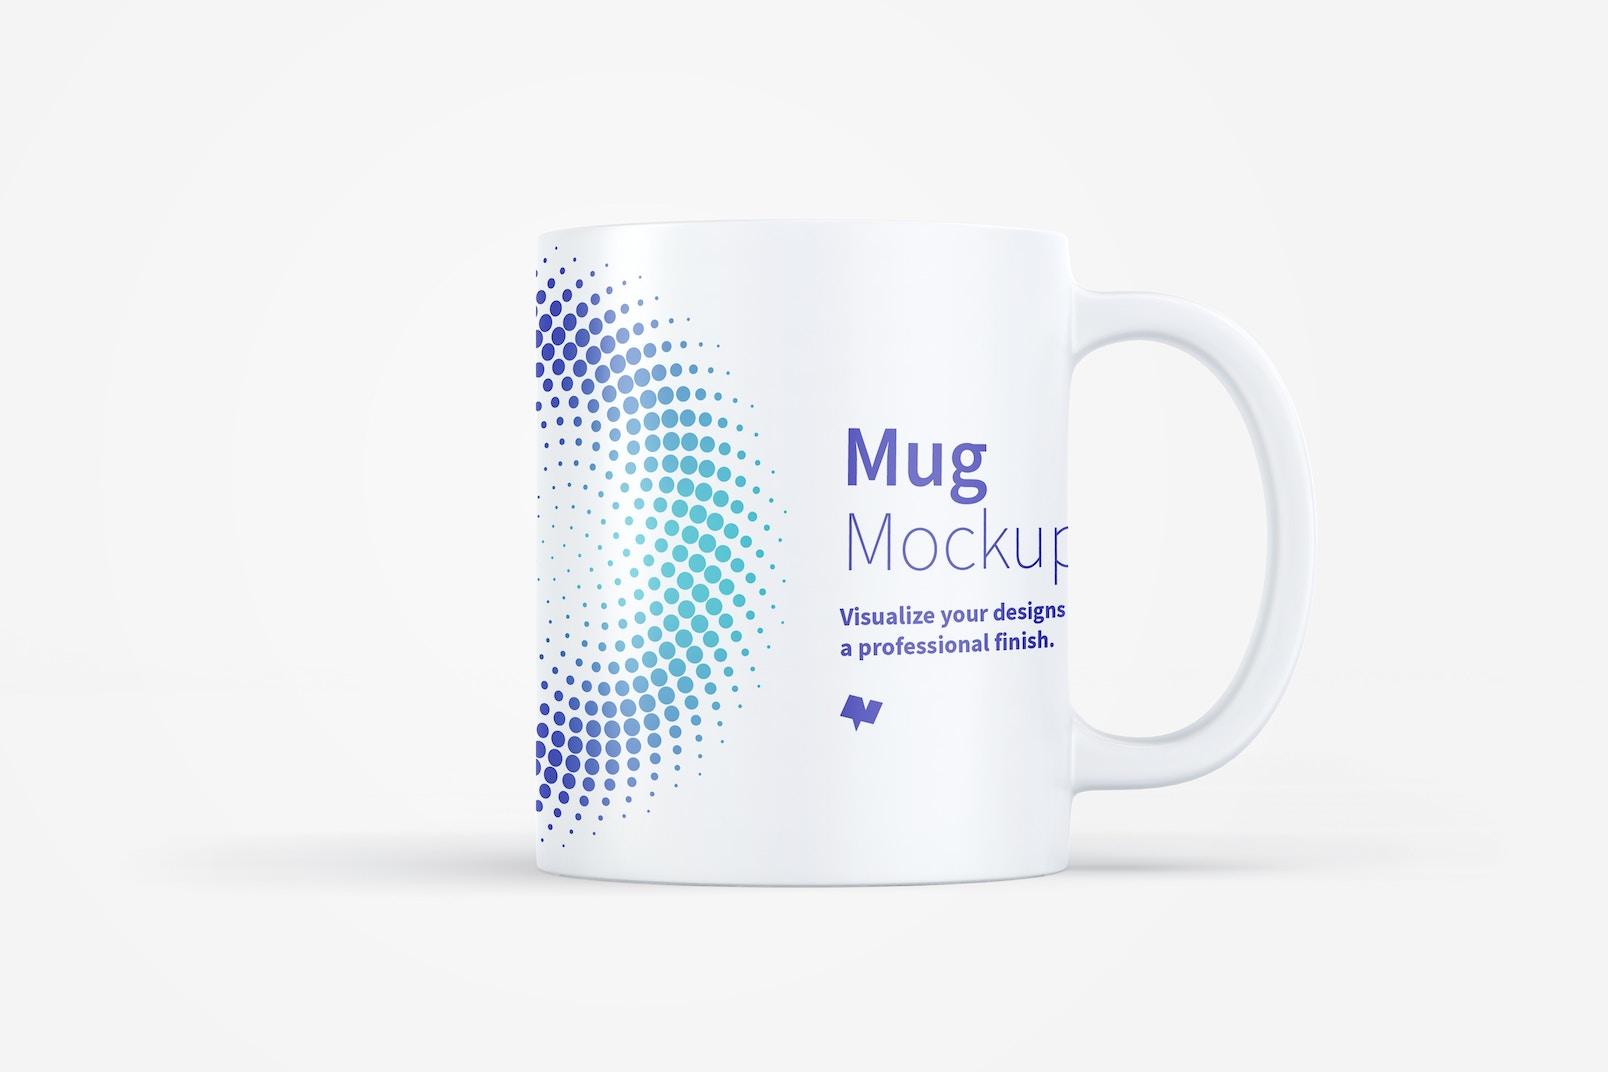 Mug Mockup 08